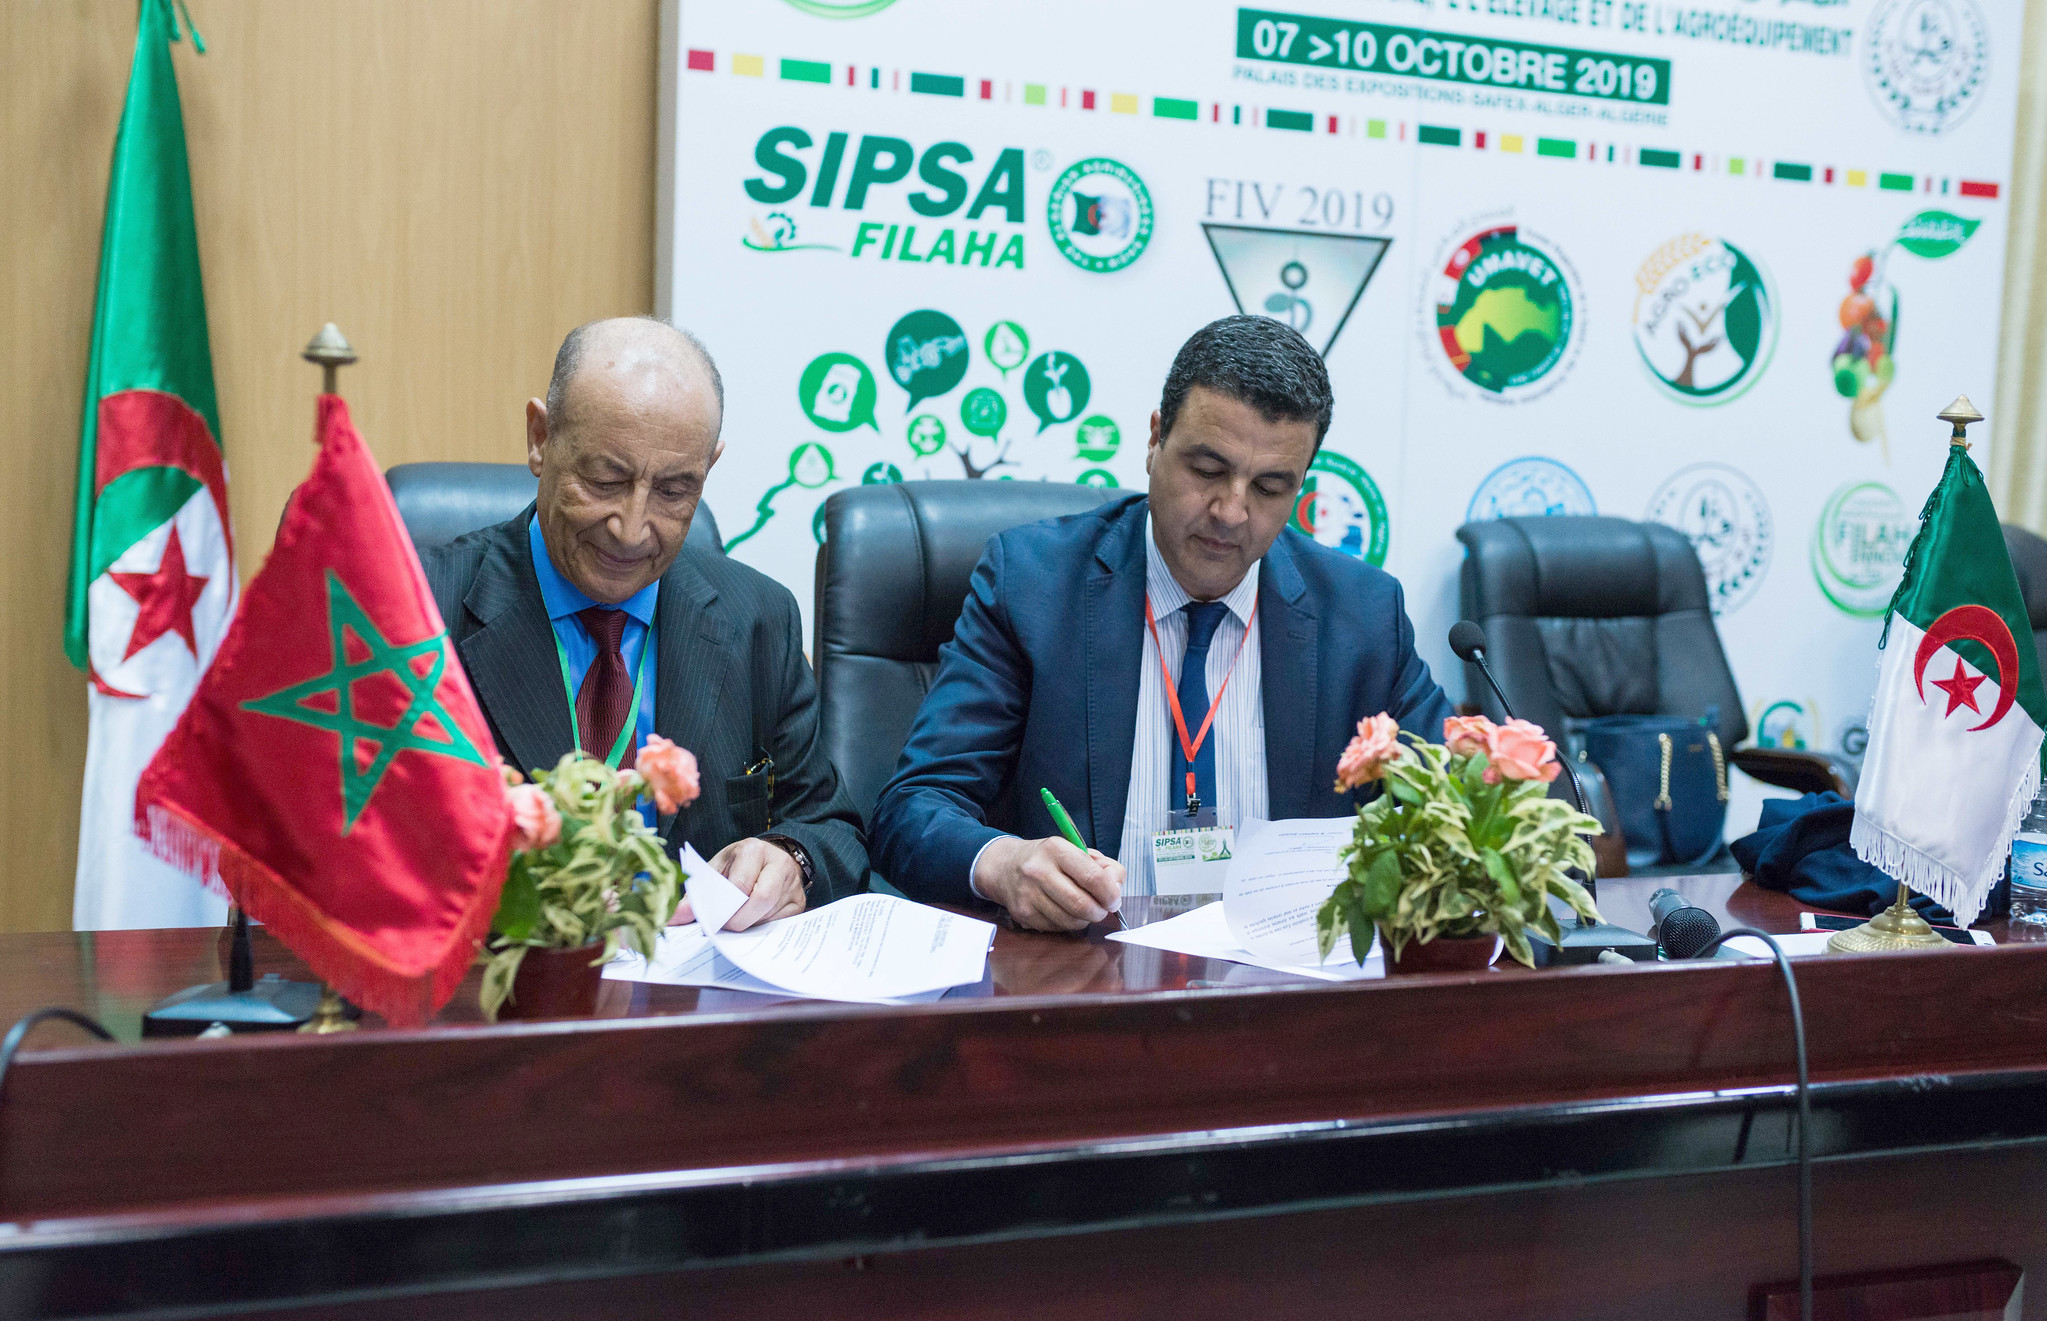 SIPSA-FILAHA 2019 - Signature du Protocole Maroc - Algérie